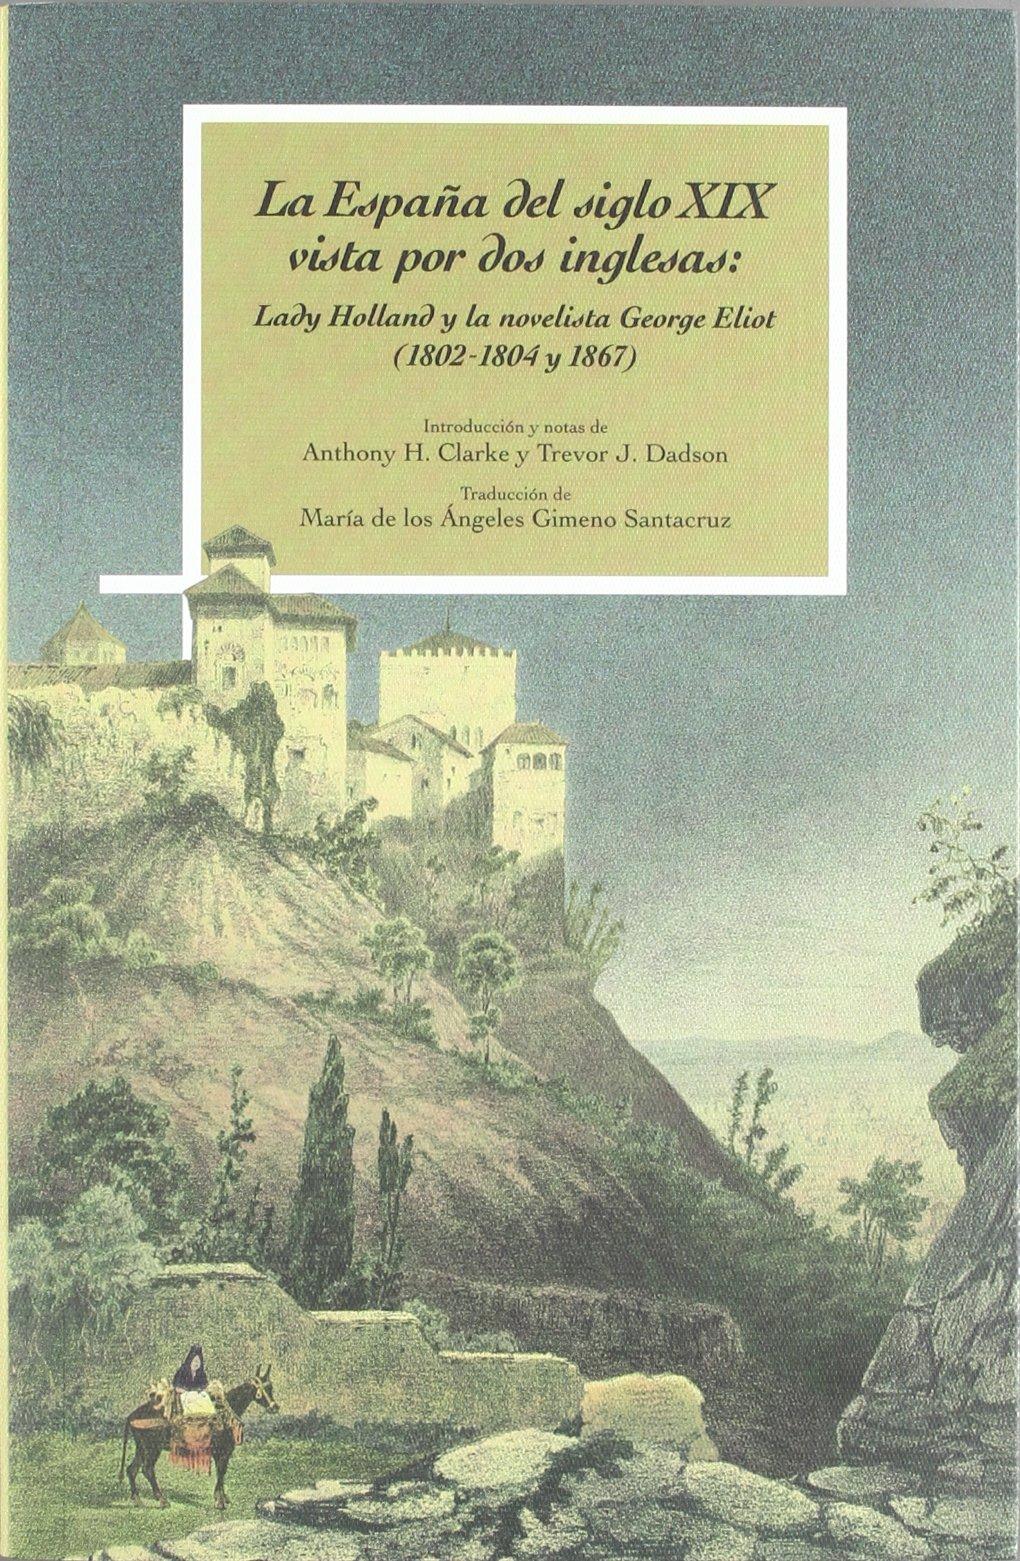 ESPAÑA DEL SIGLO XIX VISTA POR DOS INGLESAS,LA: Amazon.es: HOLLAND, LADY ELISABETH, ELIOT, GEORGE, GIMENO SANTACRUZ, MARíA ÁNGELES: Libros